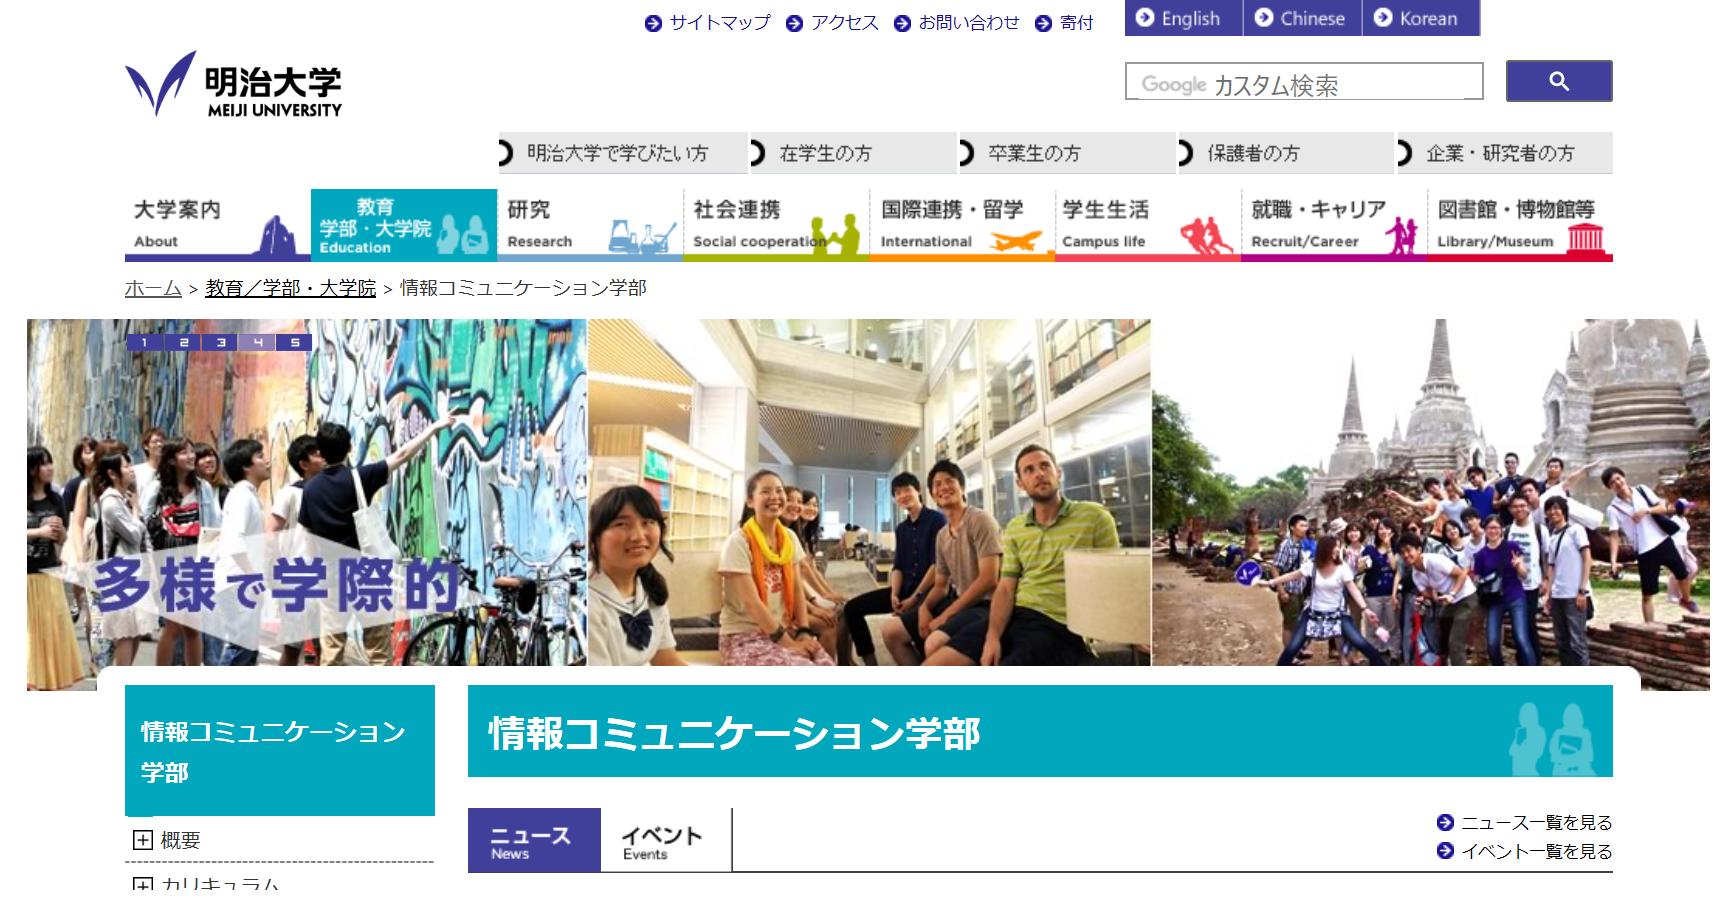 明治大学の評判・口コミ【情報コミュニケーション学部編】